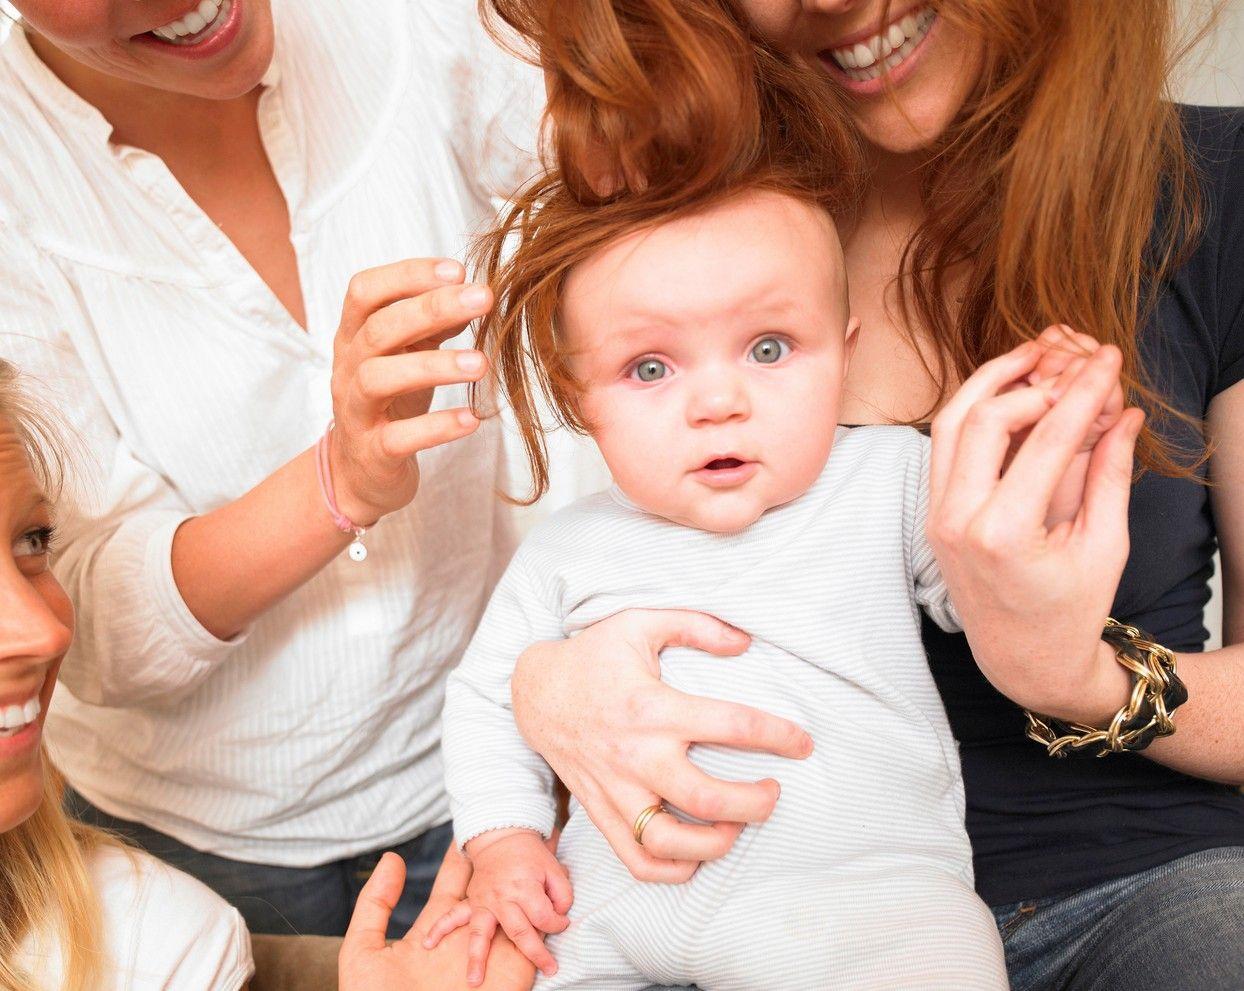 O femeie a devenit mamă după ce una dintre surori i-a donat un ovul, iar alta i-a devenit mamă surogat